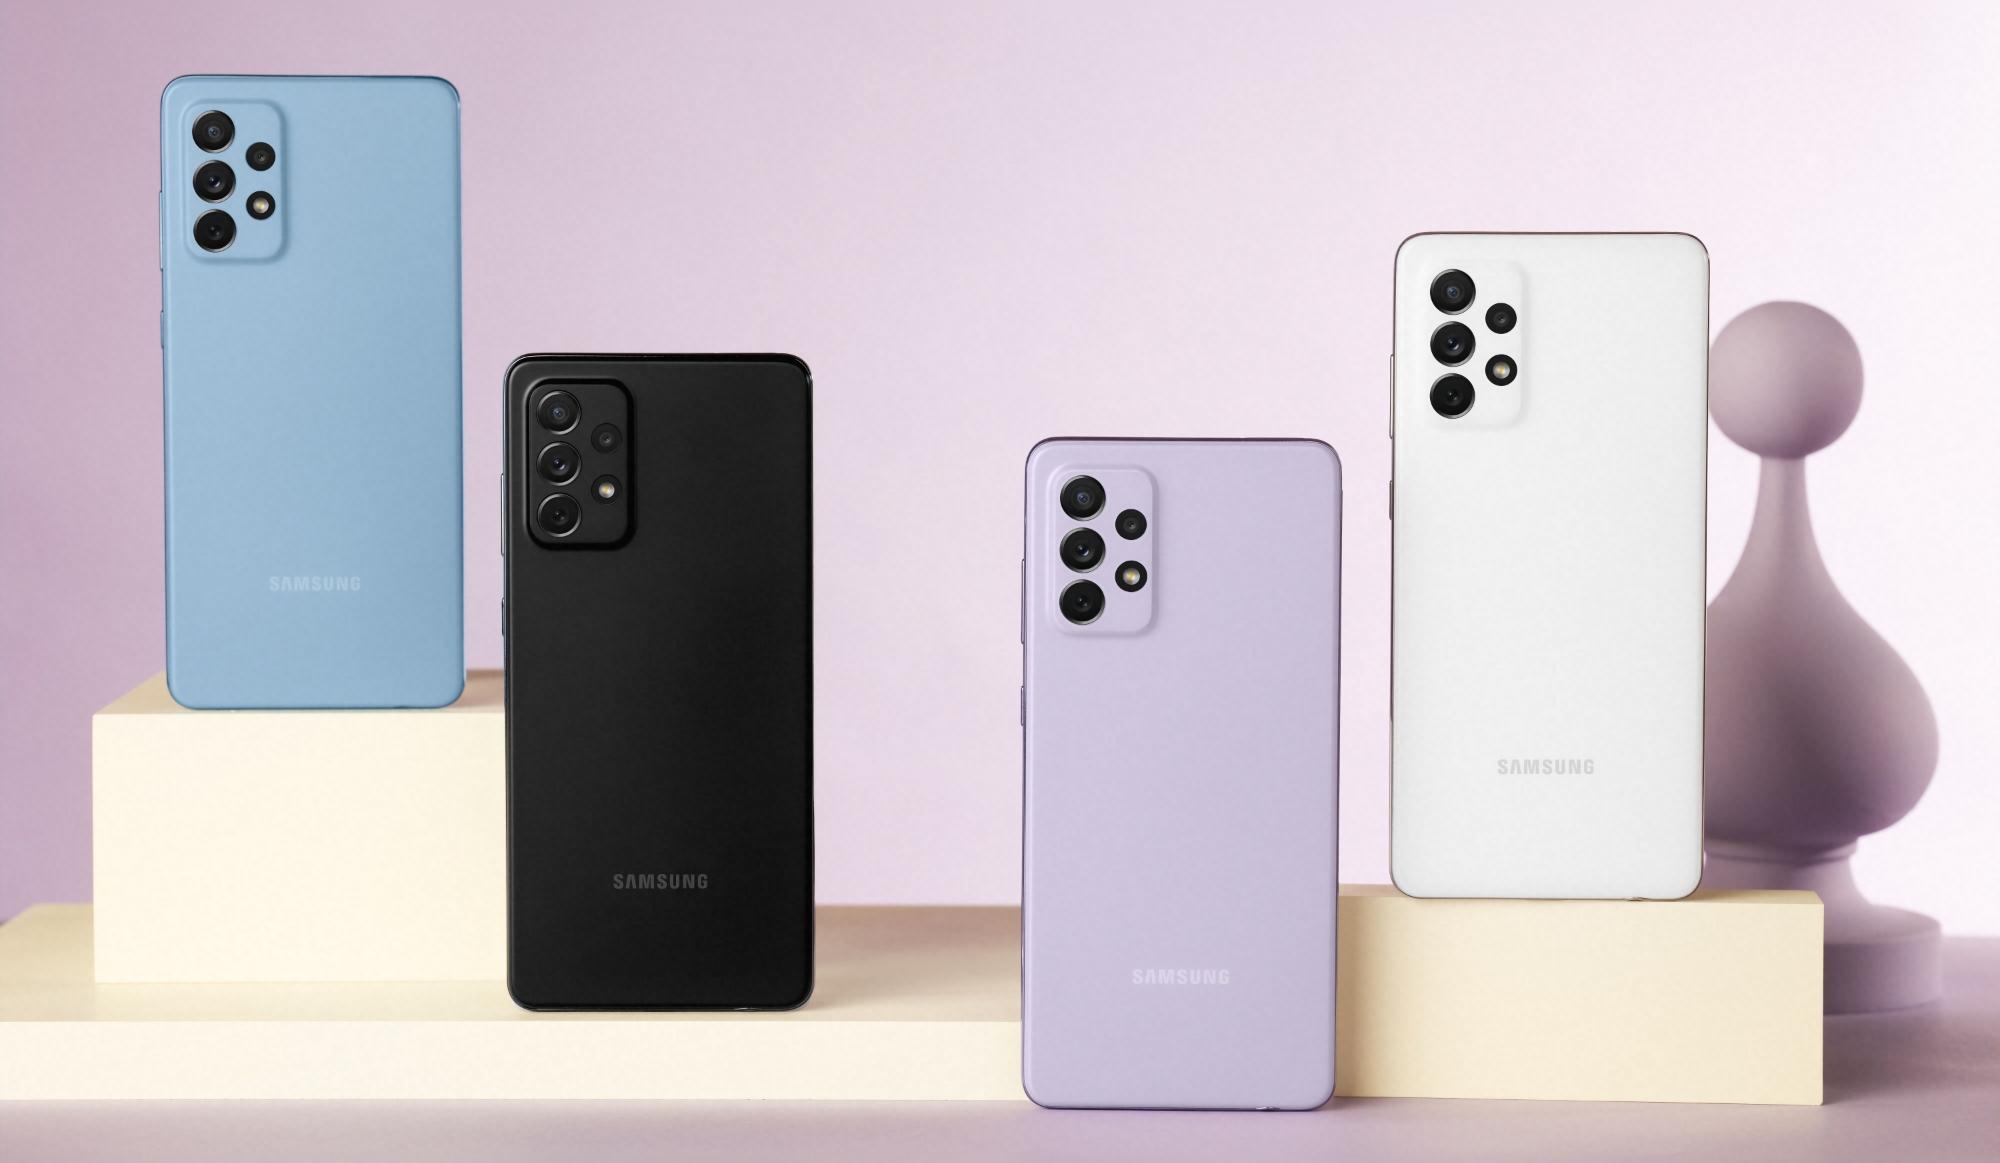 Samsung в новом обновлении для Galaxy A52 и Galaxy A72 улучшила камеры смартфонов